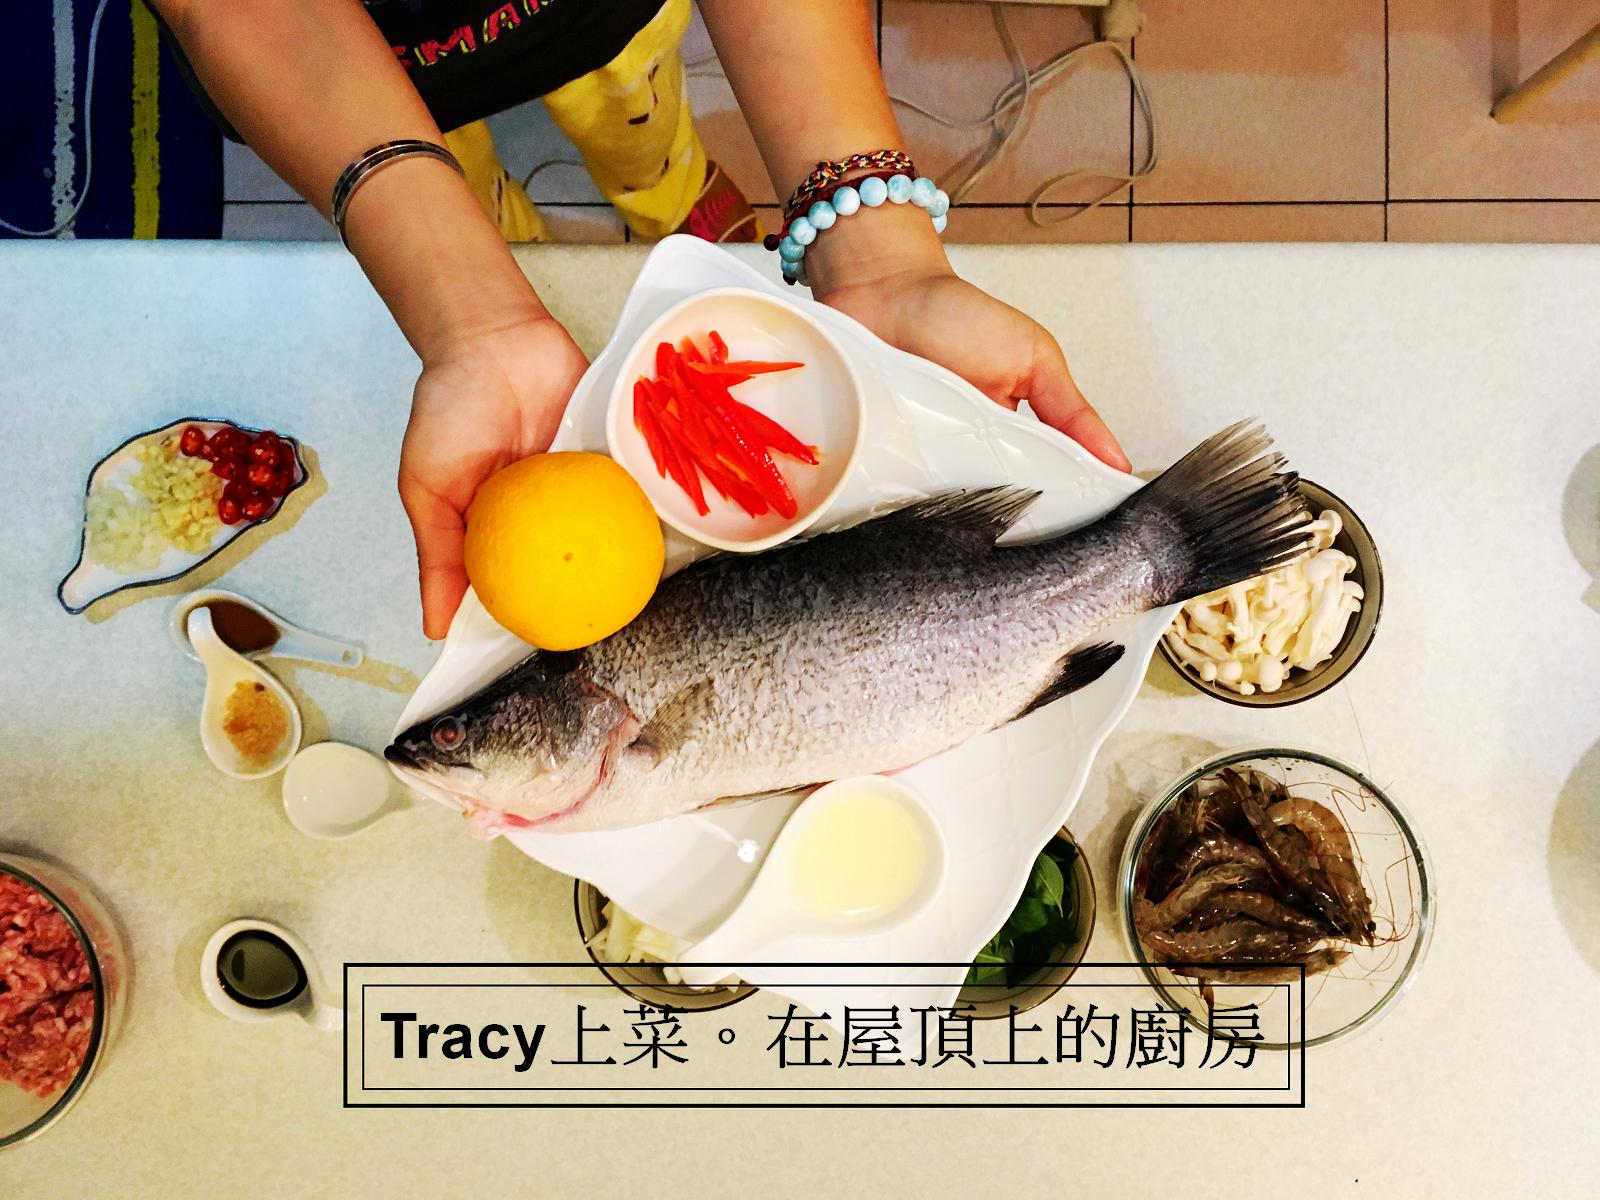 食譜∣泰式打拋豬 x 泰式檸檬魚 x 炸香蕉,在屋頂上的廚房。